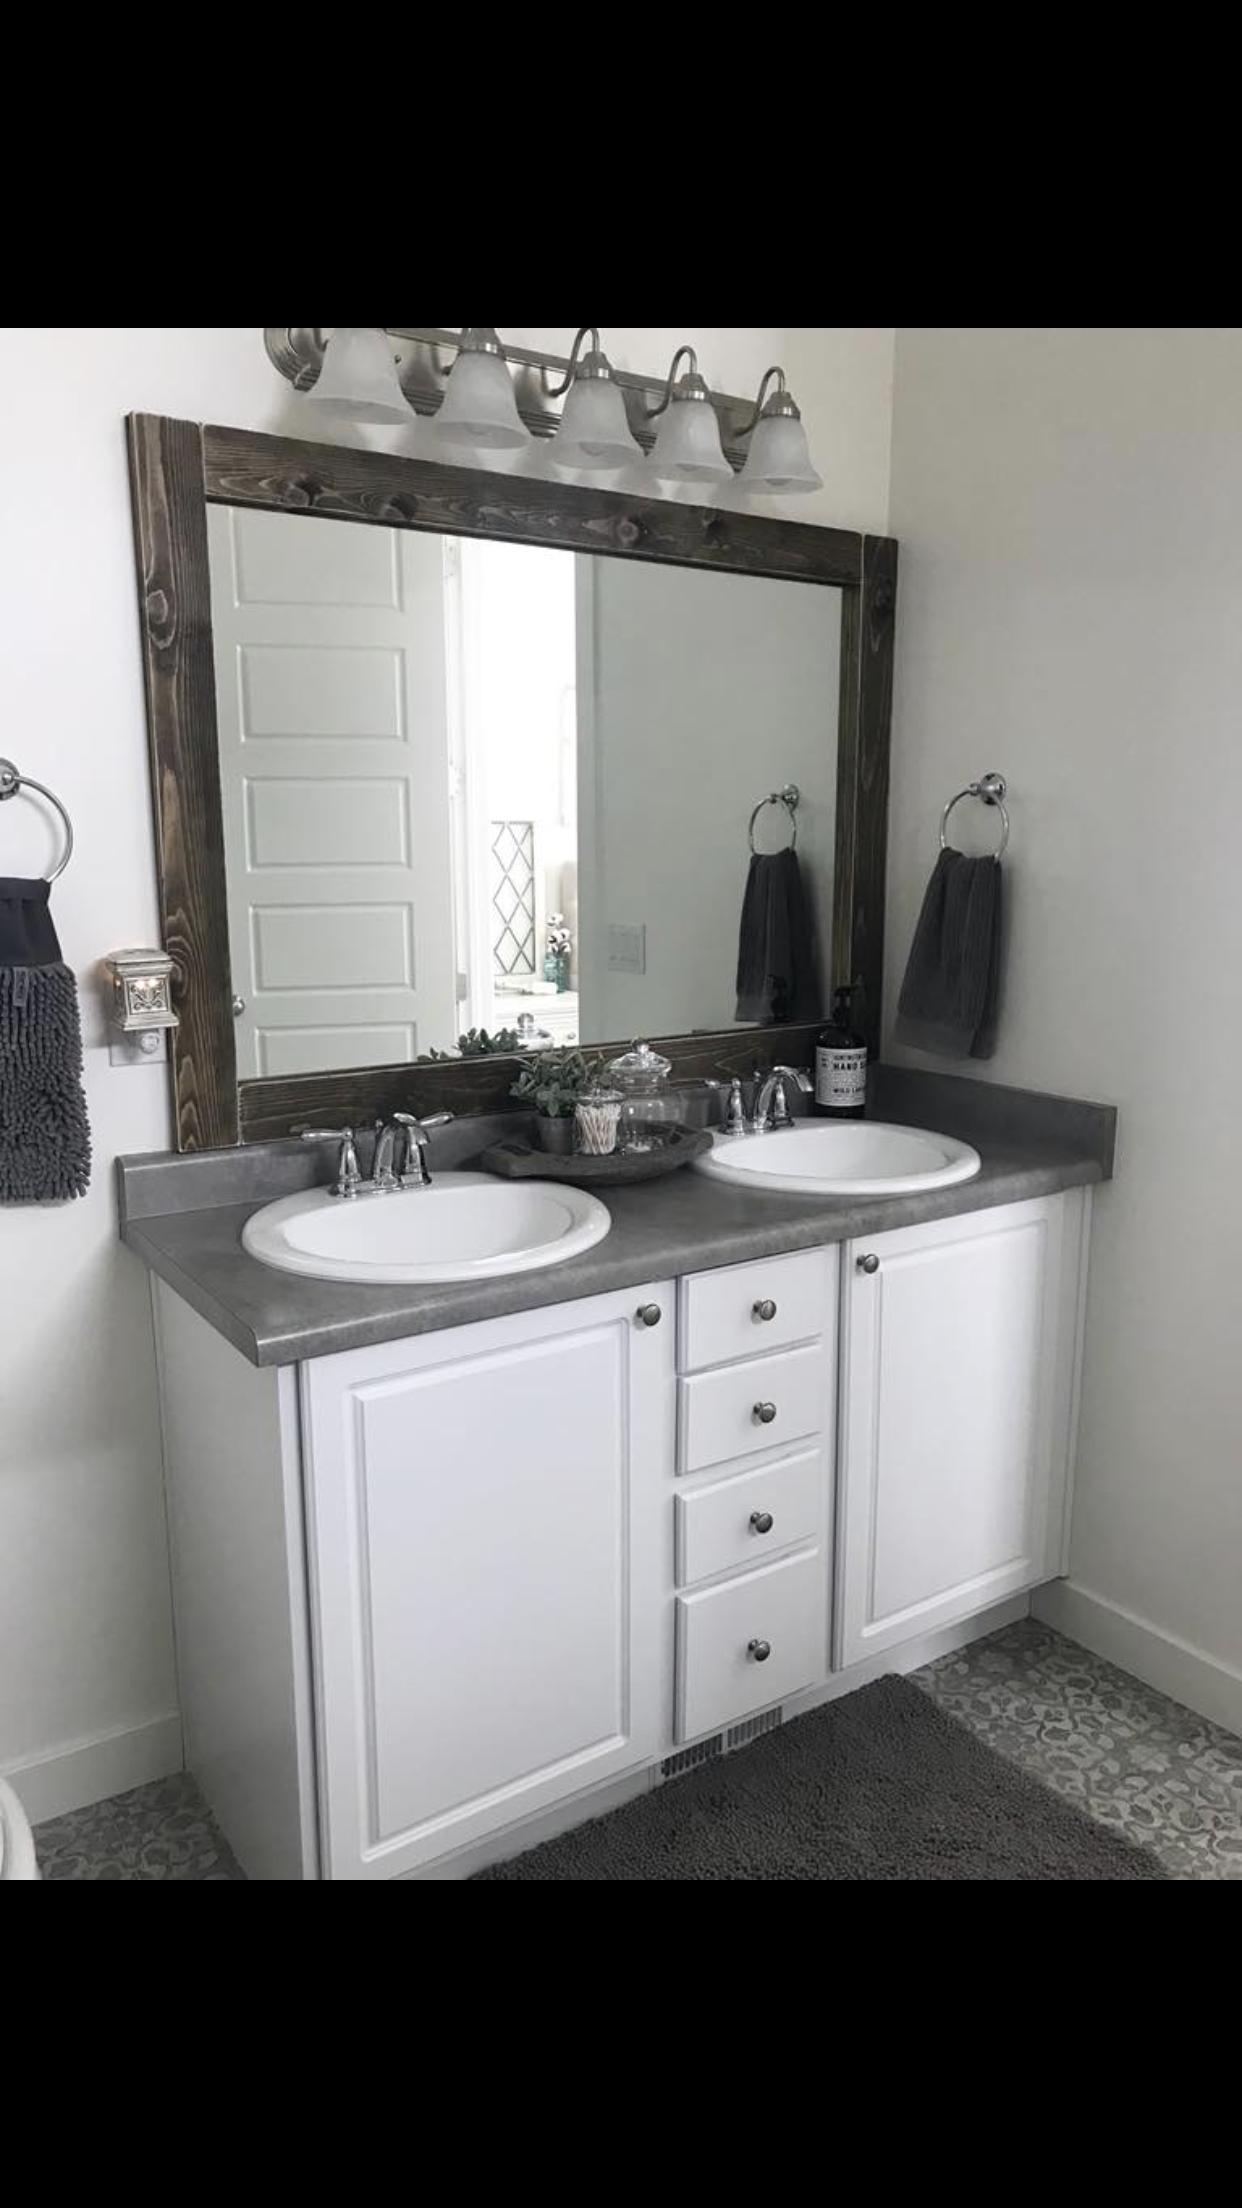 Wood Trim Mirror Bathroom Mirrors Diy Basement Bathroom Design